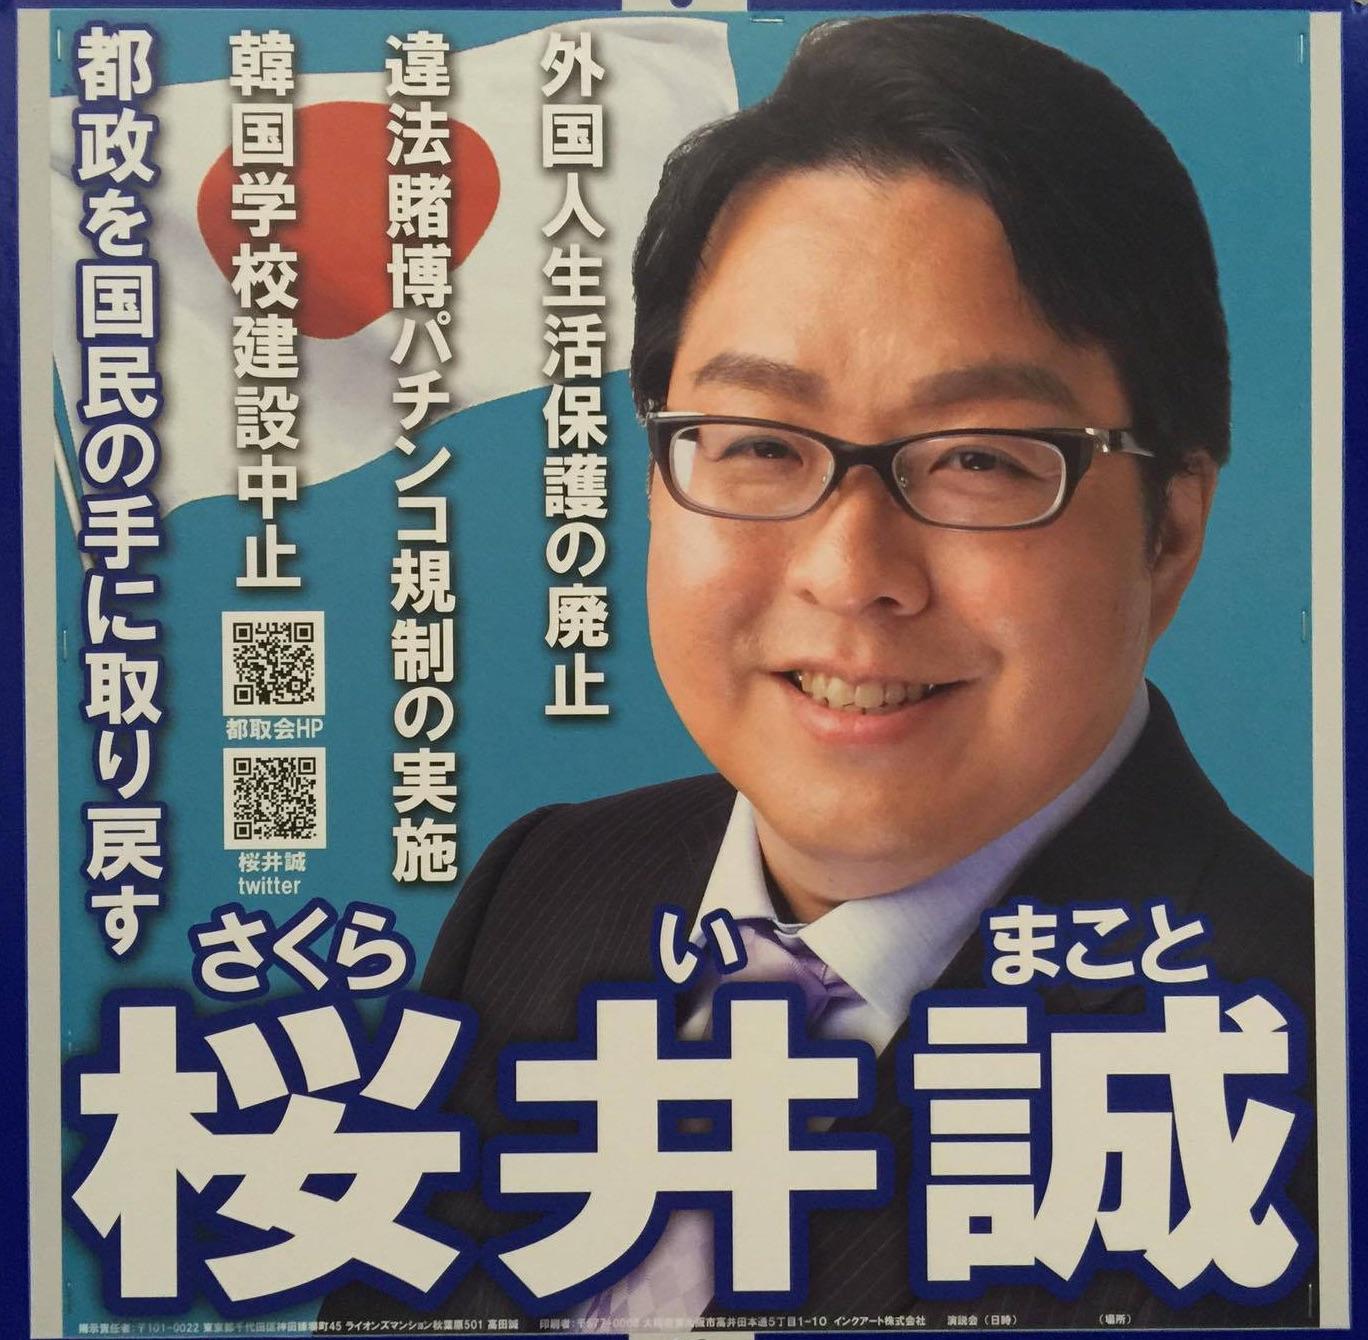 後藤輝樹 都知事選挙 ポスター